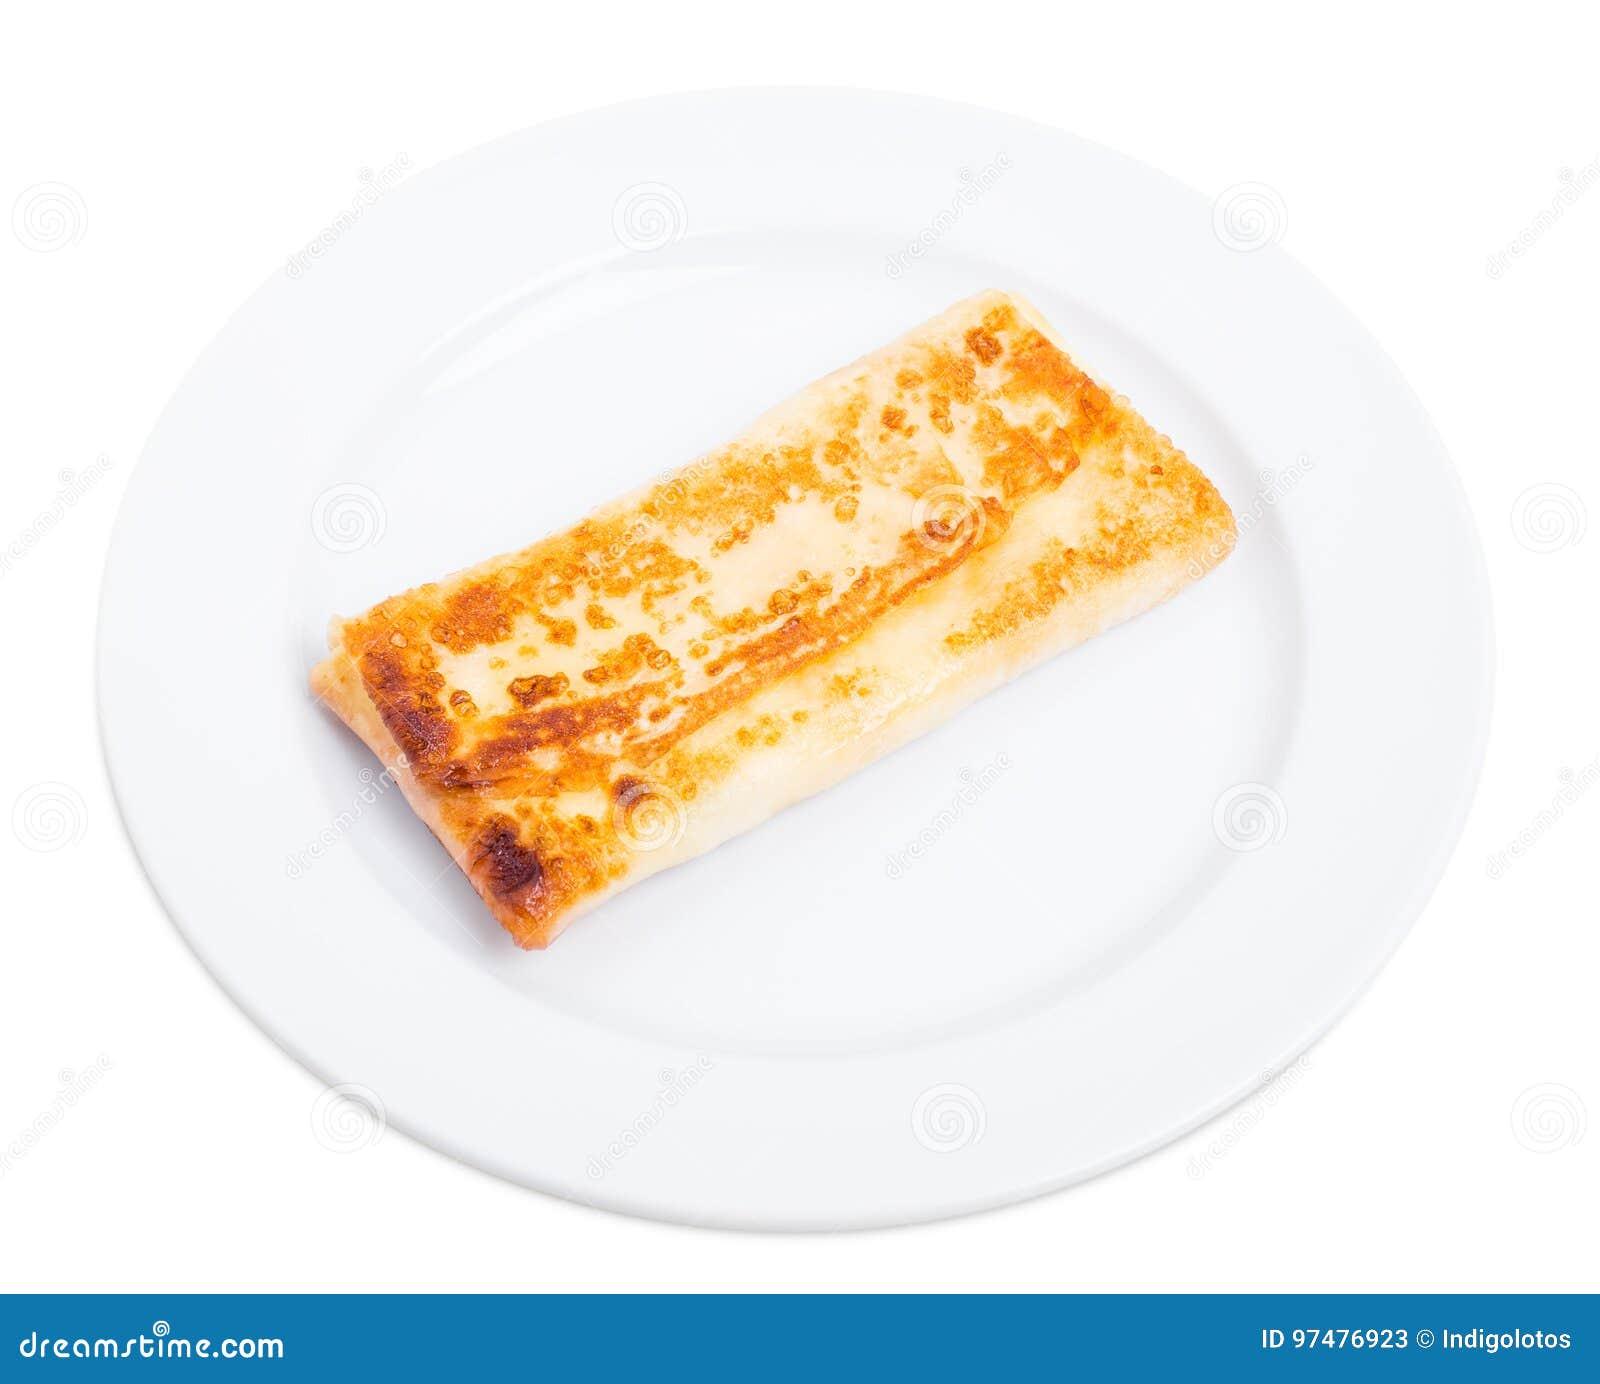 Pancake russo farcito con la ricotta salata